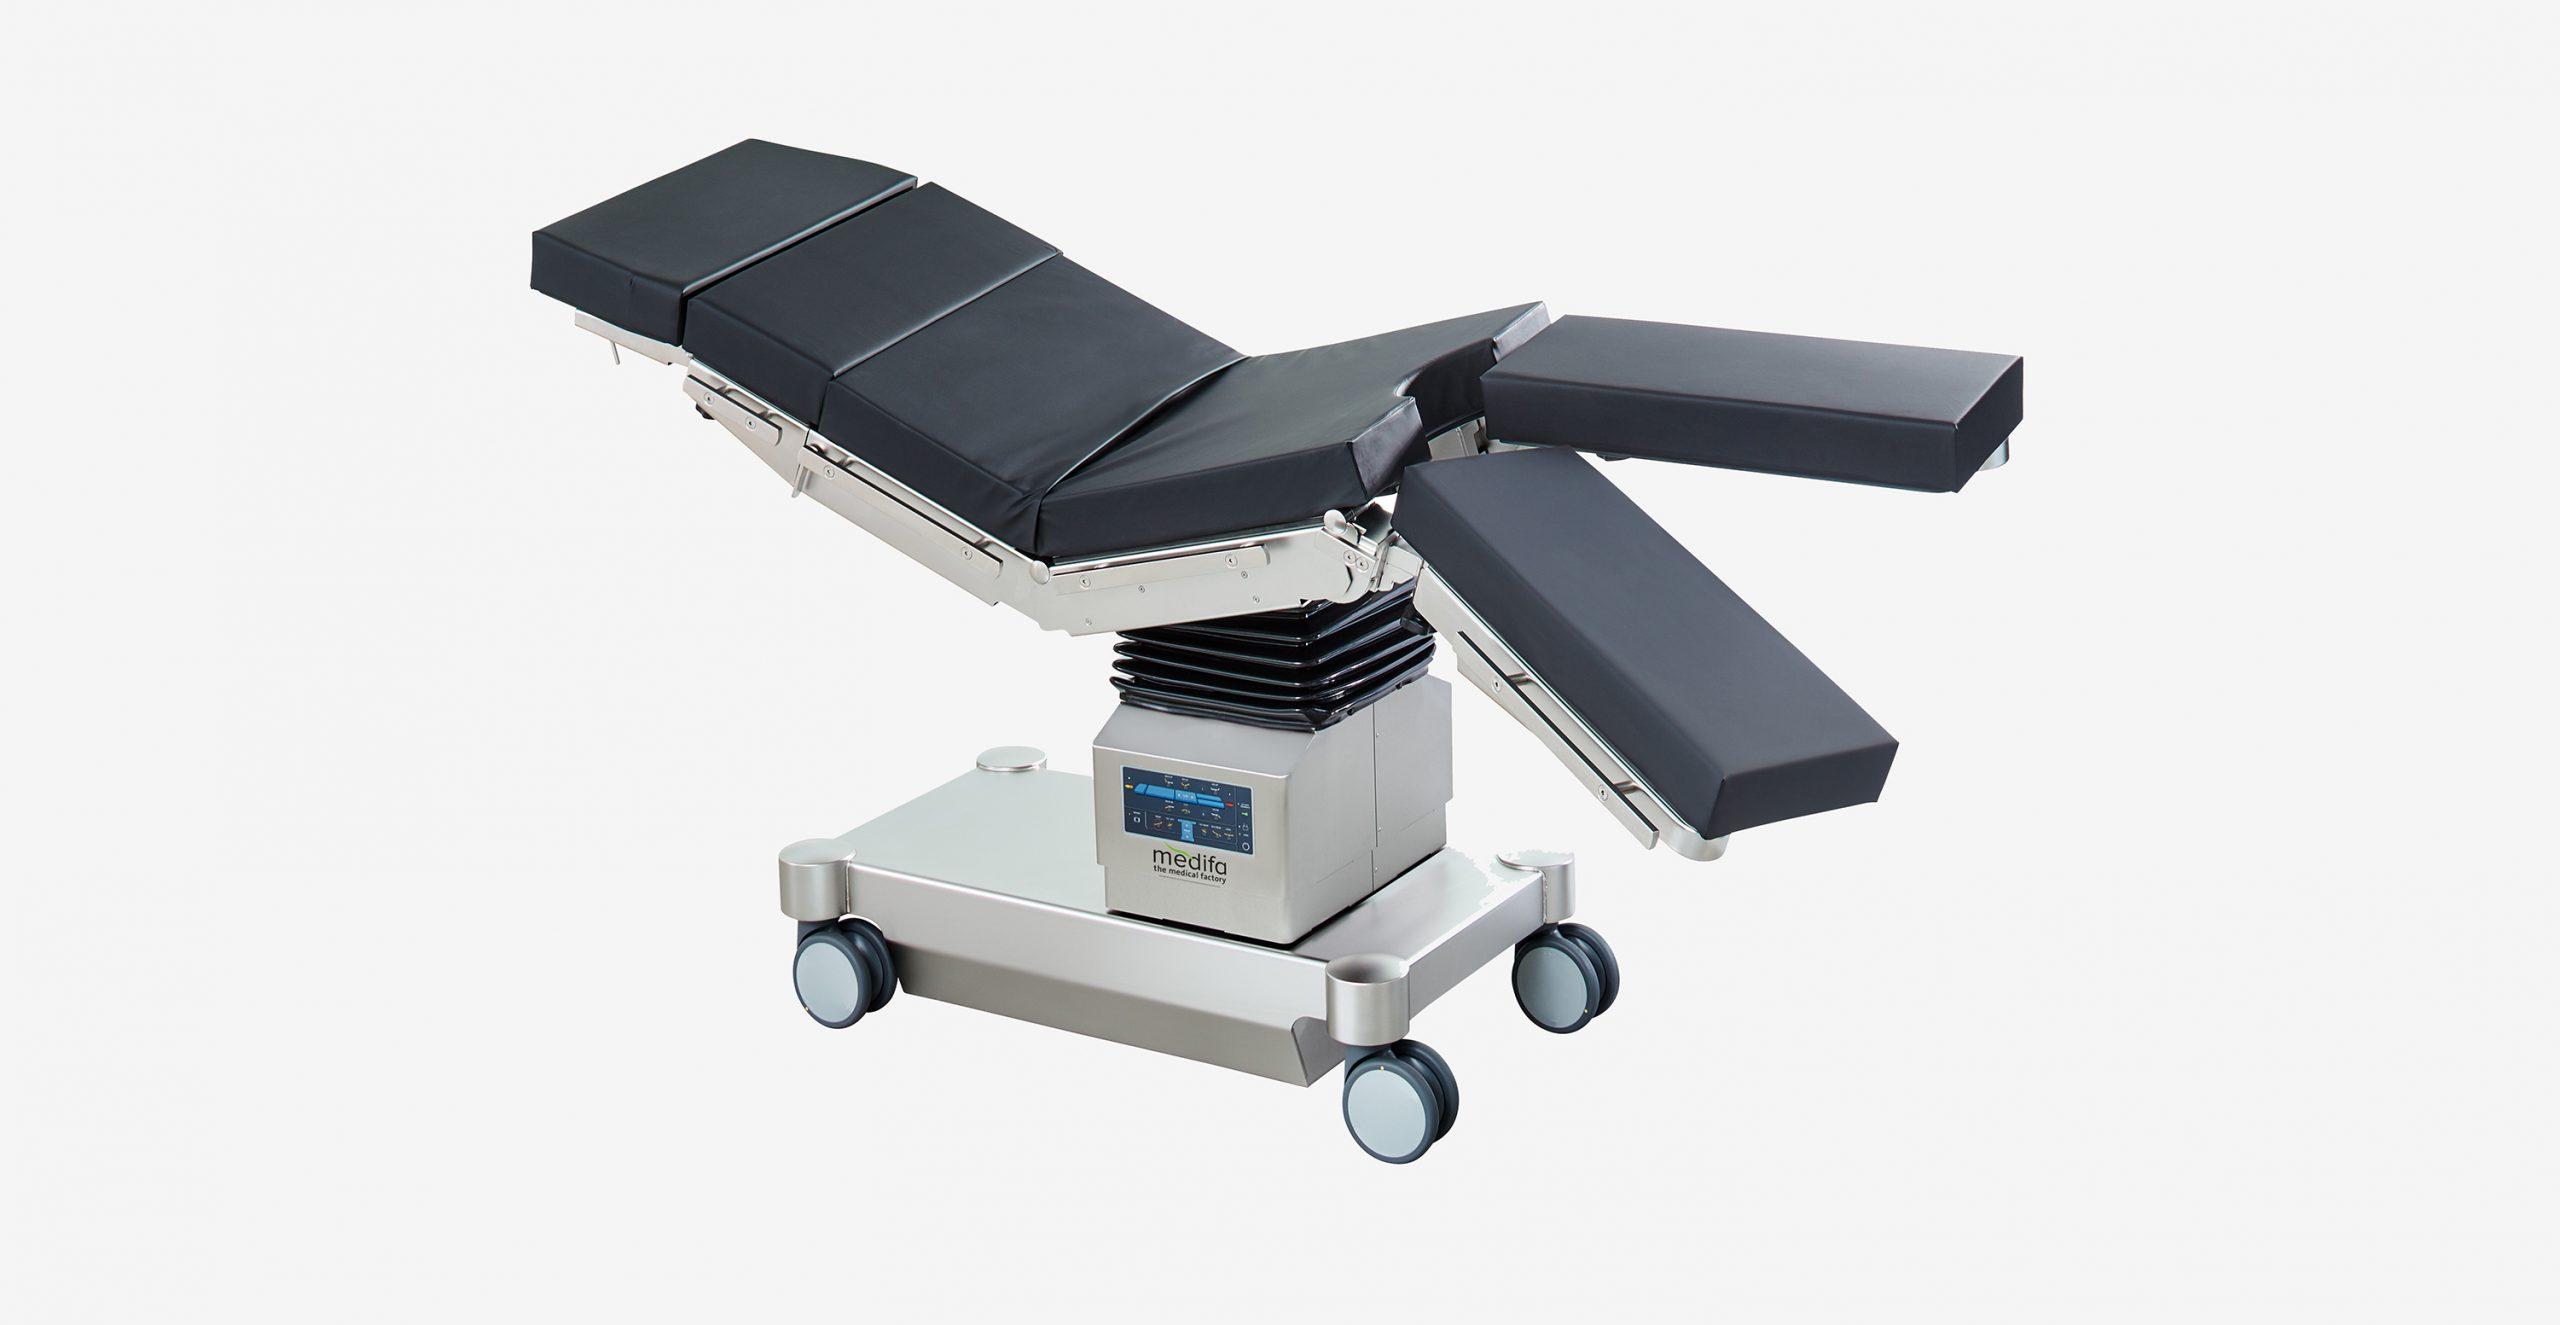 mobiler OP-Tisch mit elektrohydraulischer Beinplattenverstellung medifa 6000